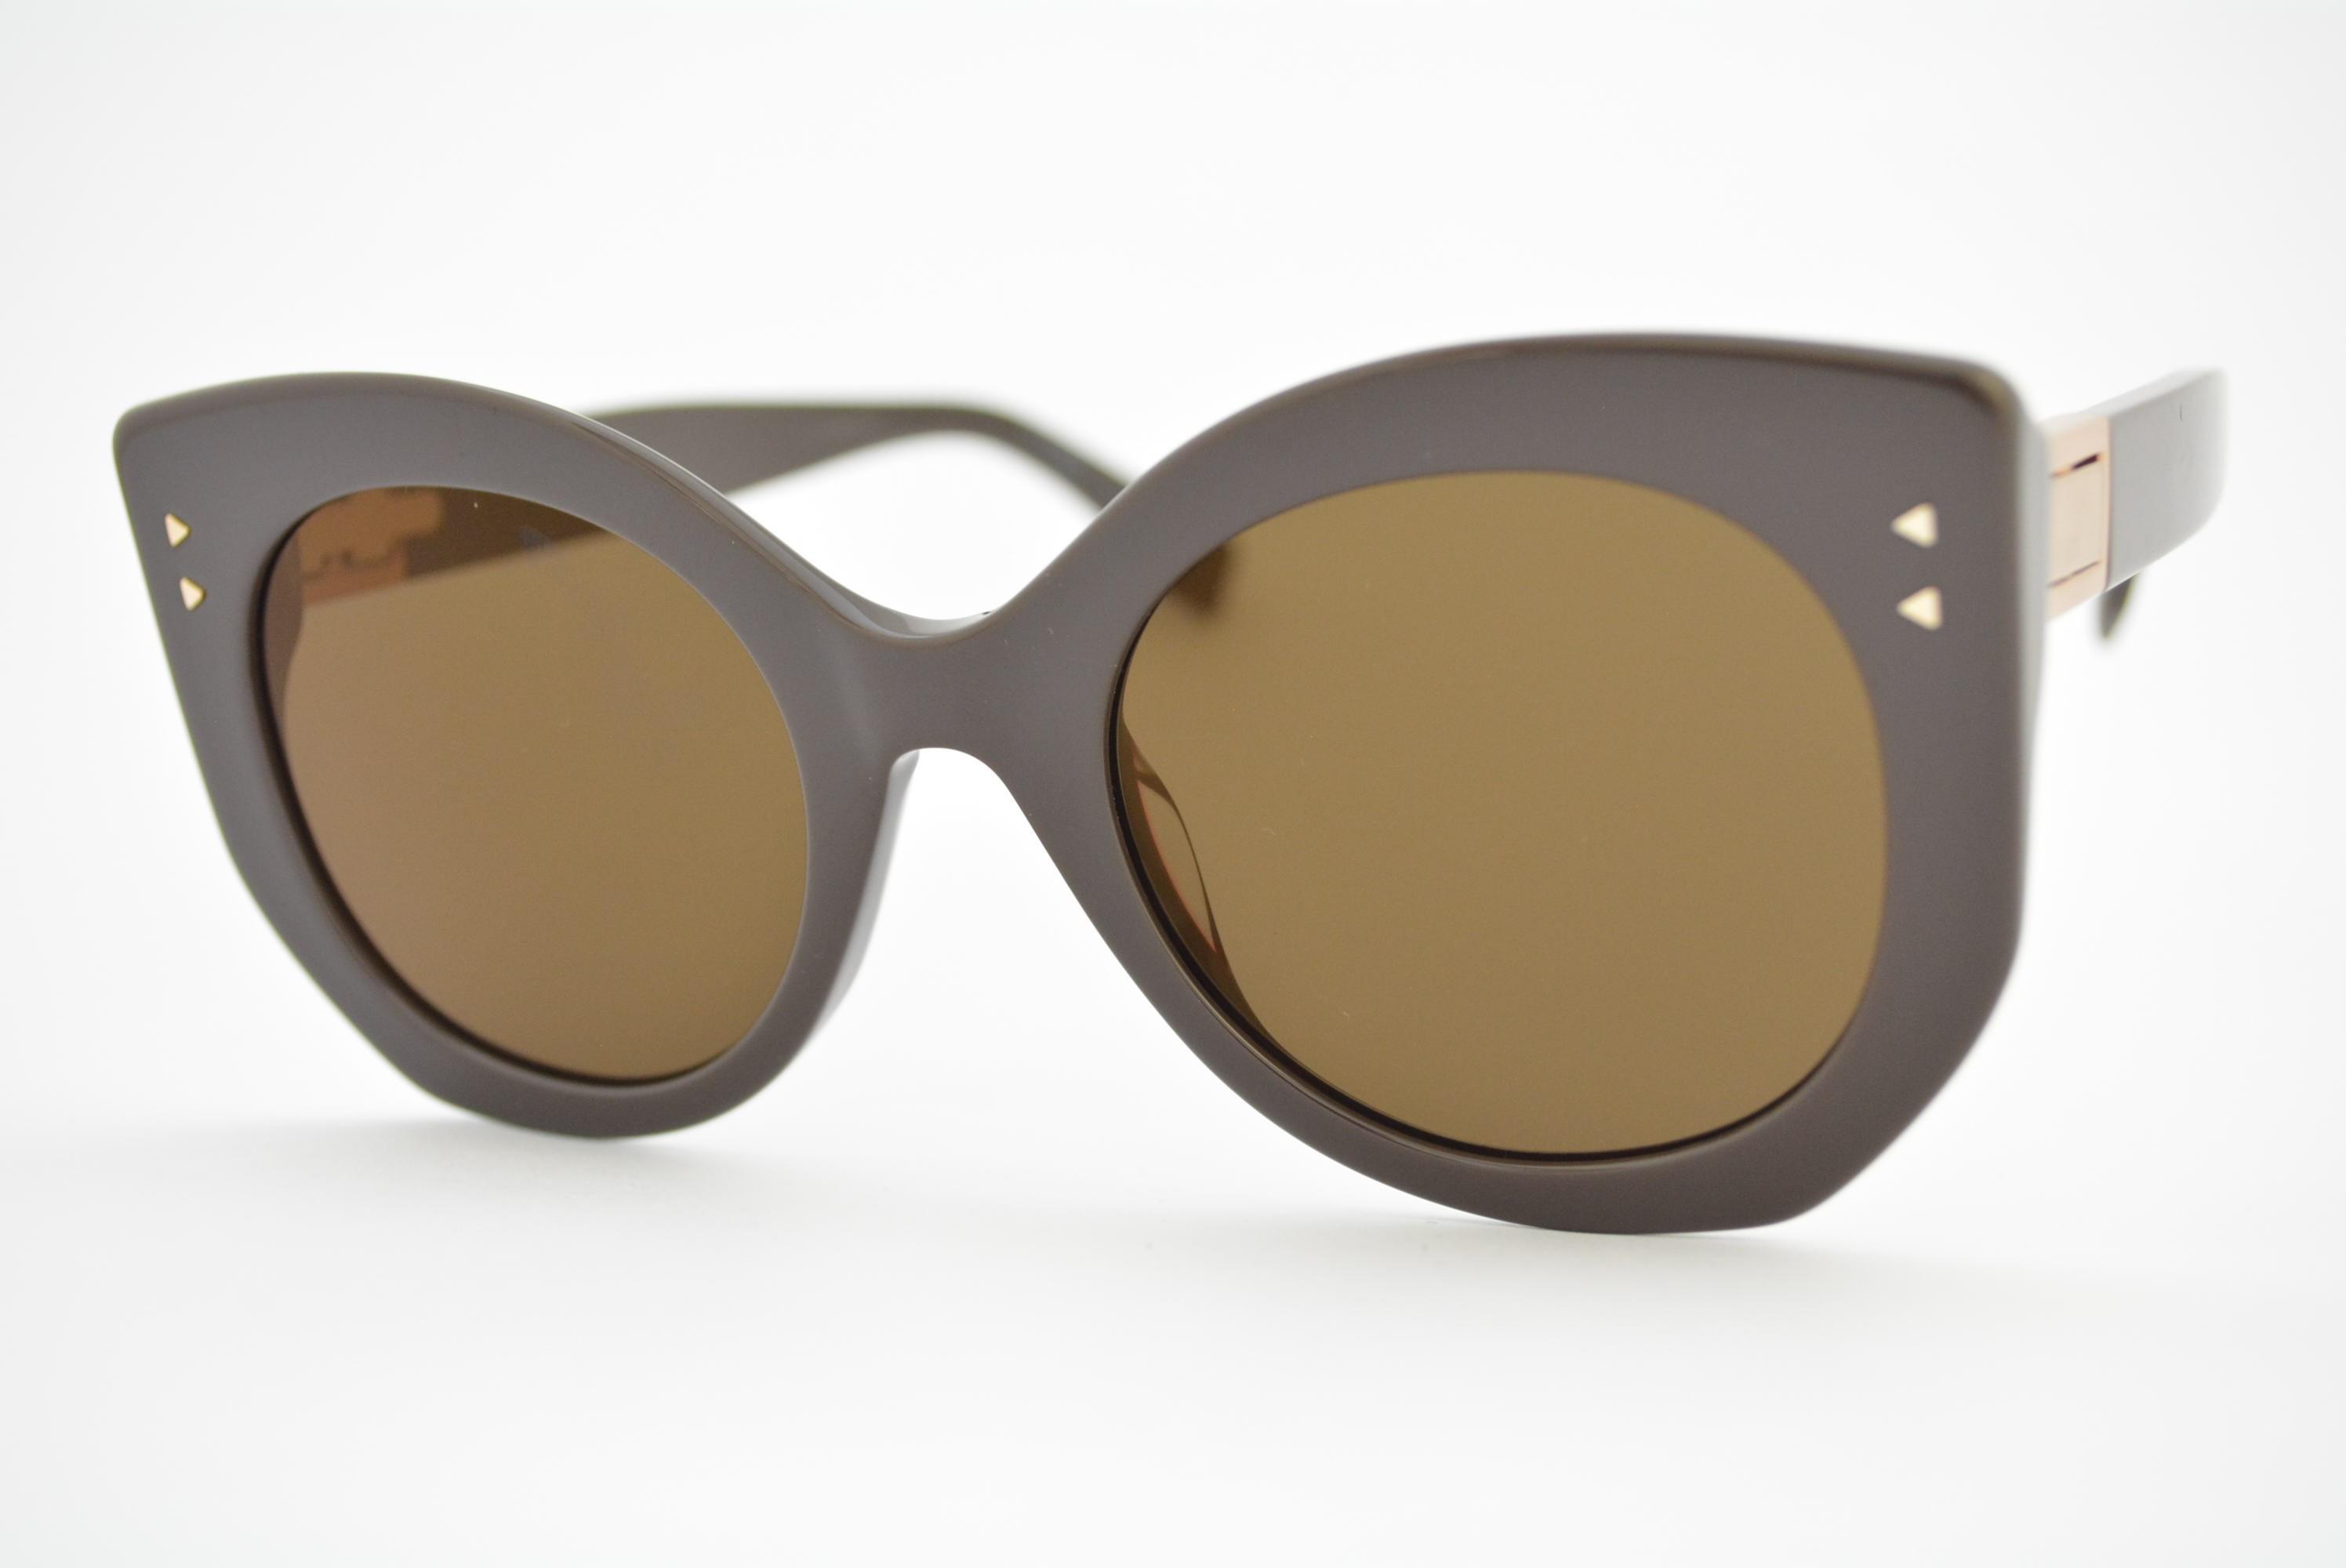 óculos de sol Fendi mod Peekaboo ff0265 s 09qlc Ótica Cardoso 22498a16aa